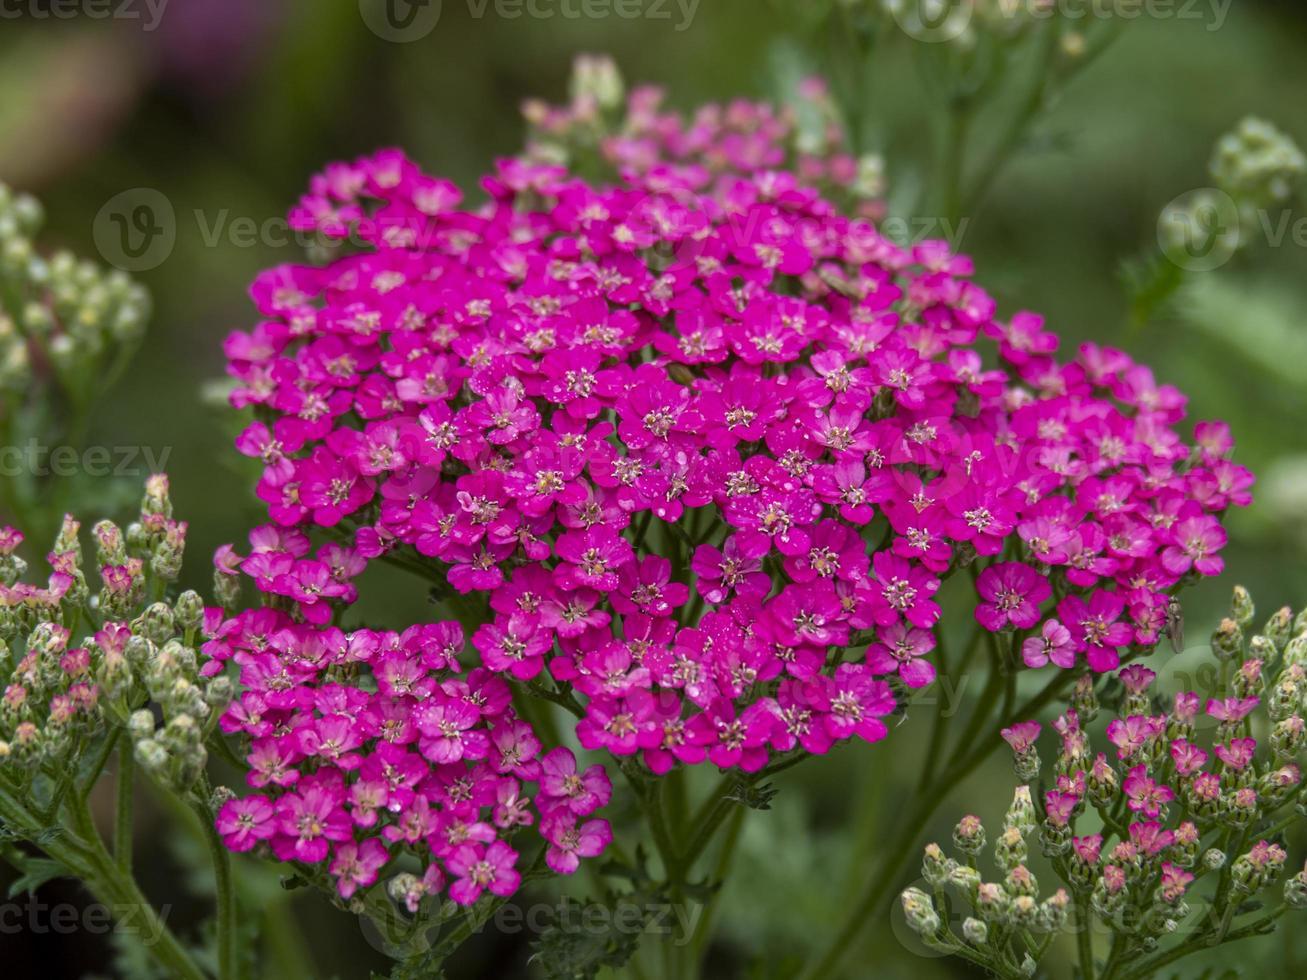 roze duizendblad in een tuin foto